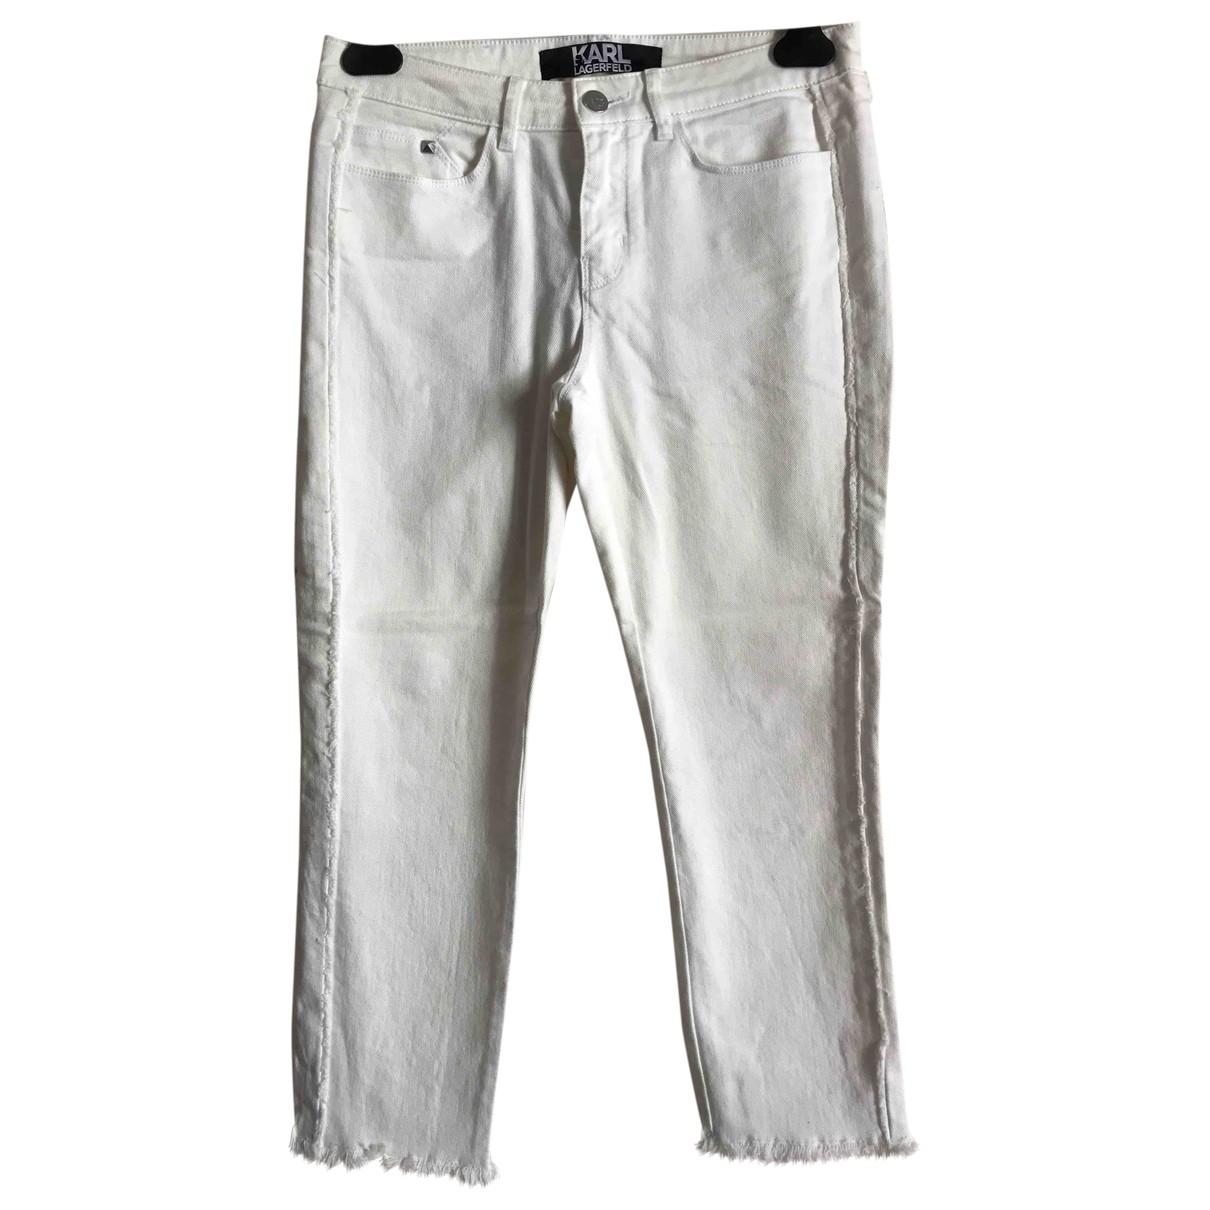 Karl \N Jeans in  Weiss Baumwolle - Elasthan